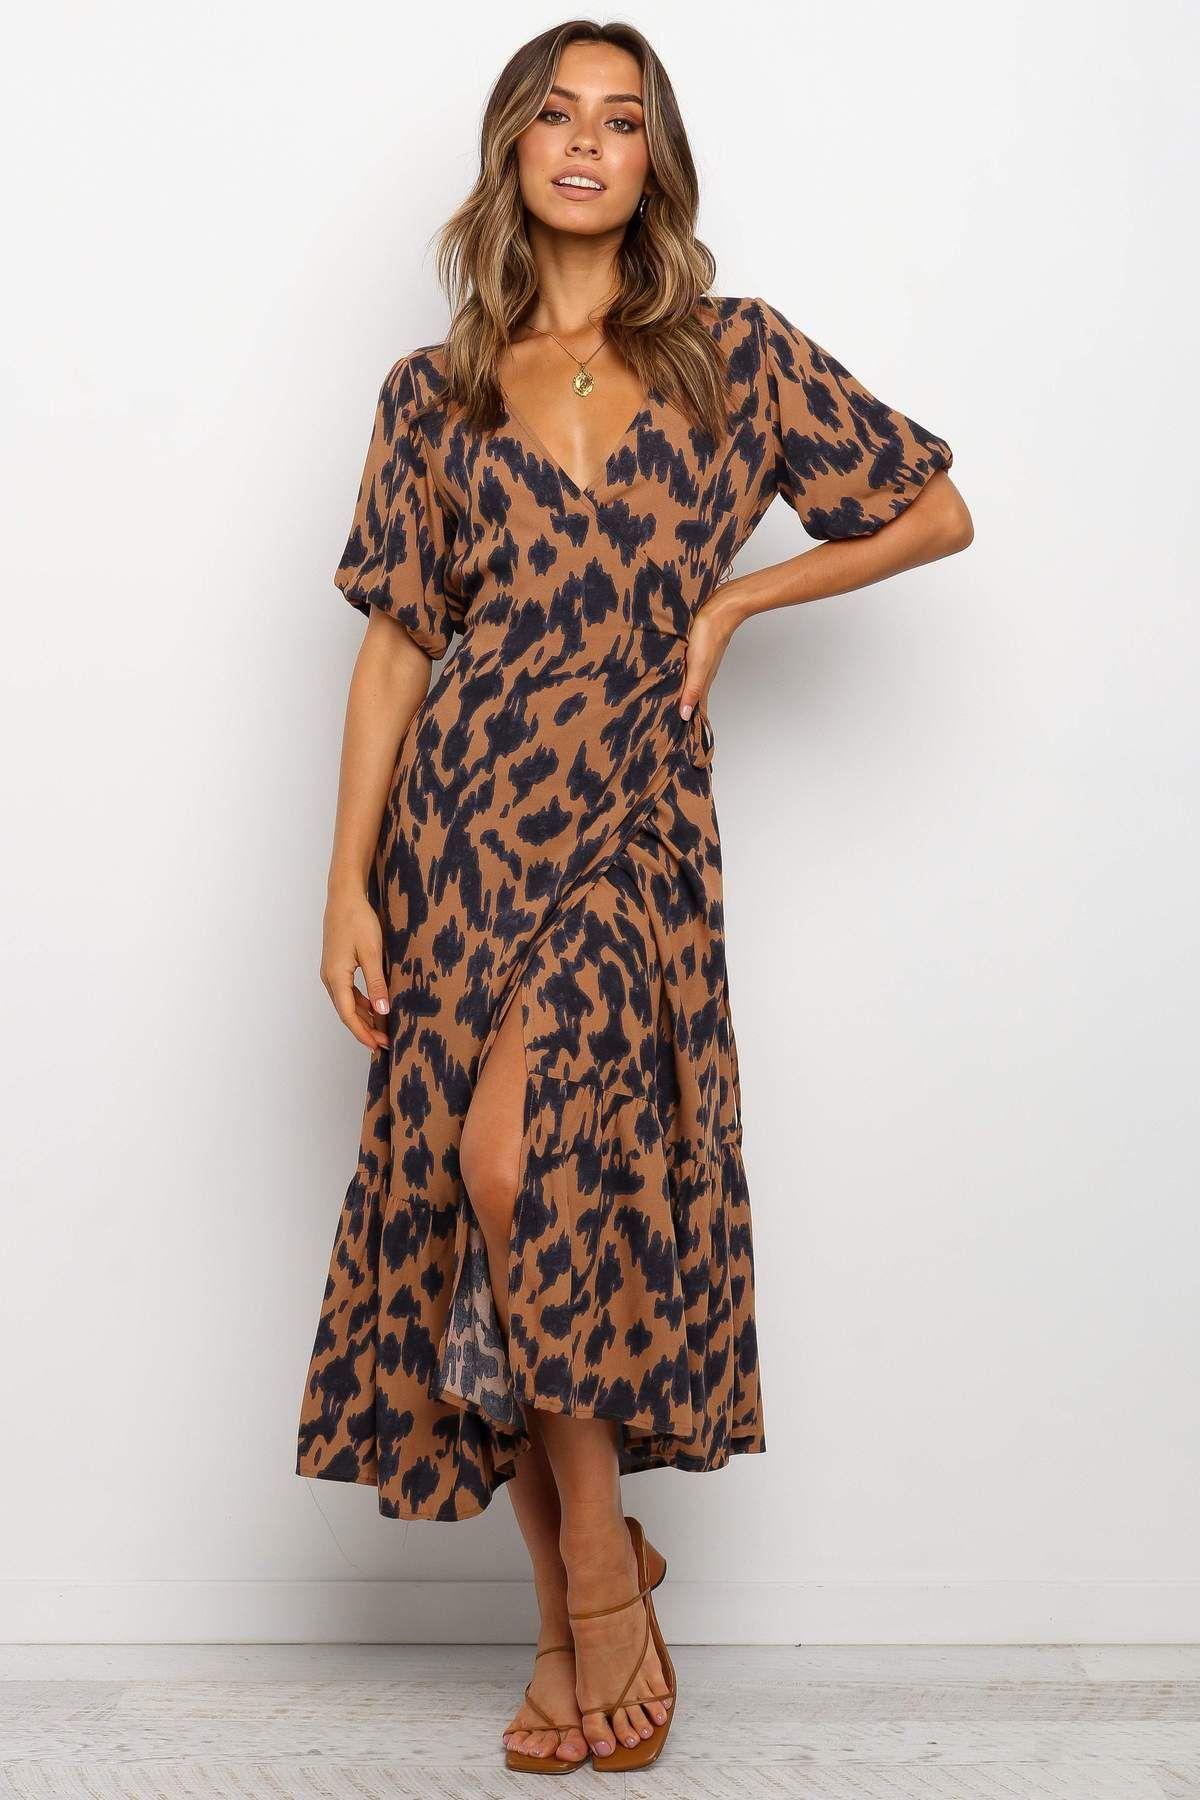 Bunya Dress Tan Petal Pup Usa Dresses Dresses For Big Bust Casual Dresses [ 1800 x 1200 Pixel ]